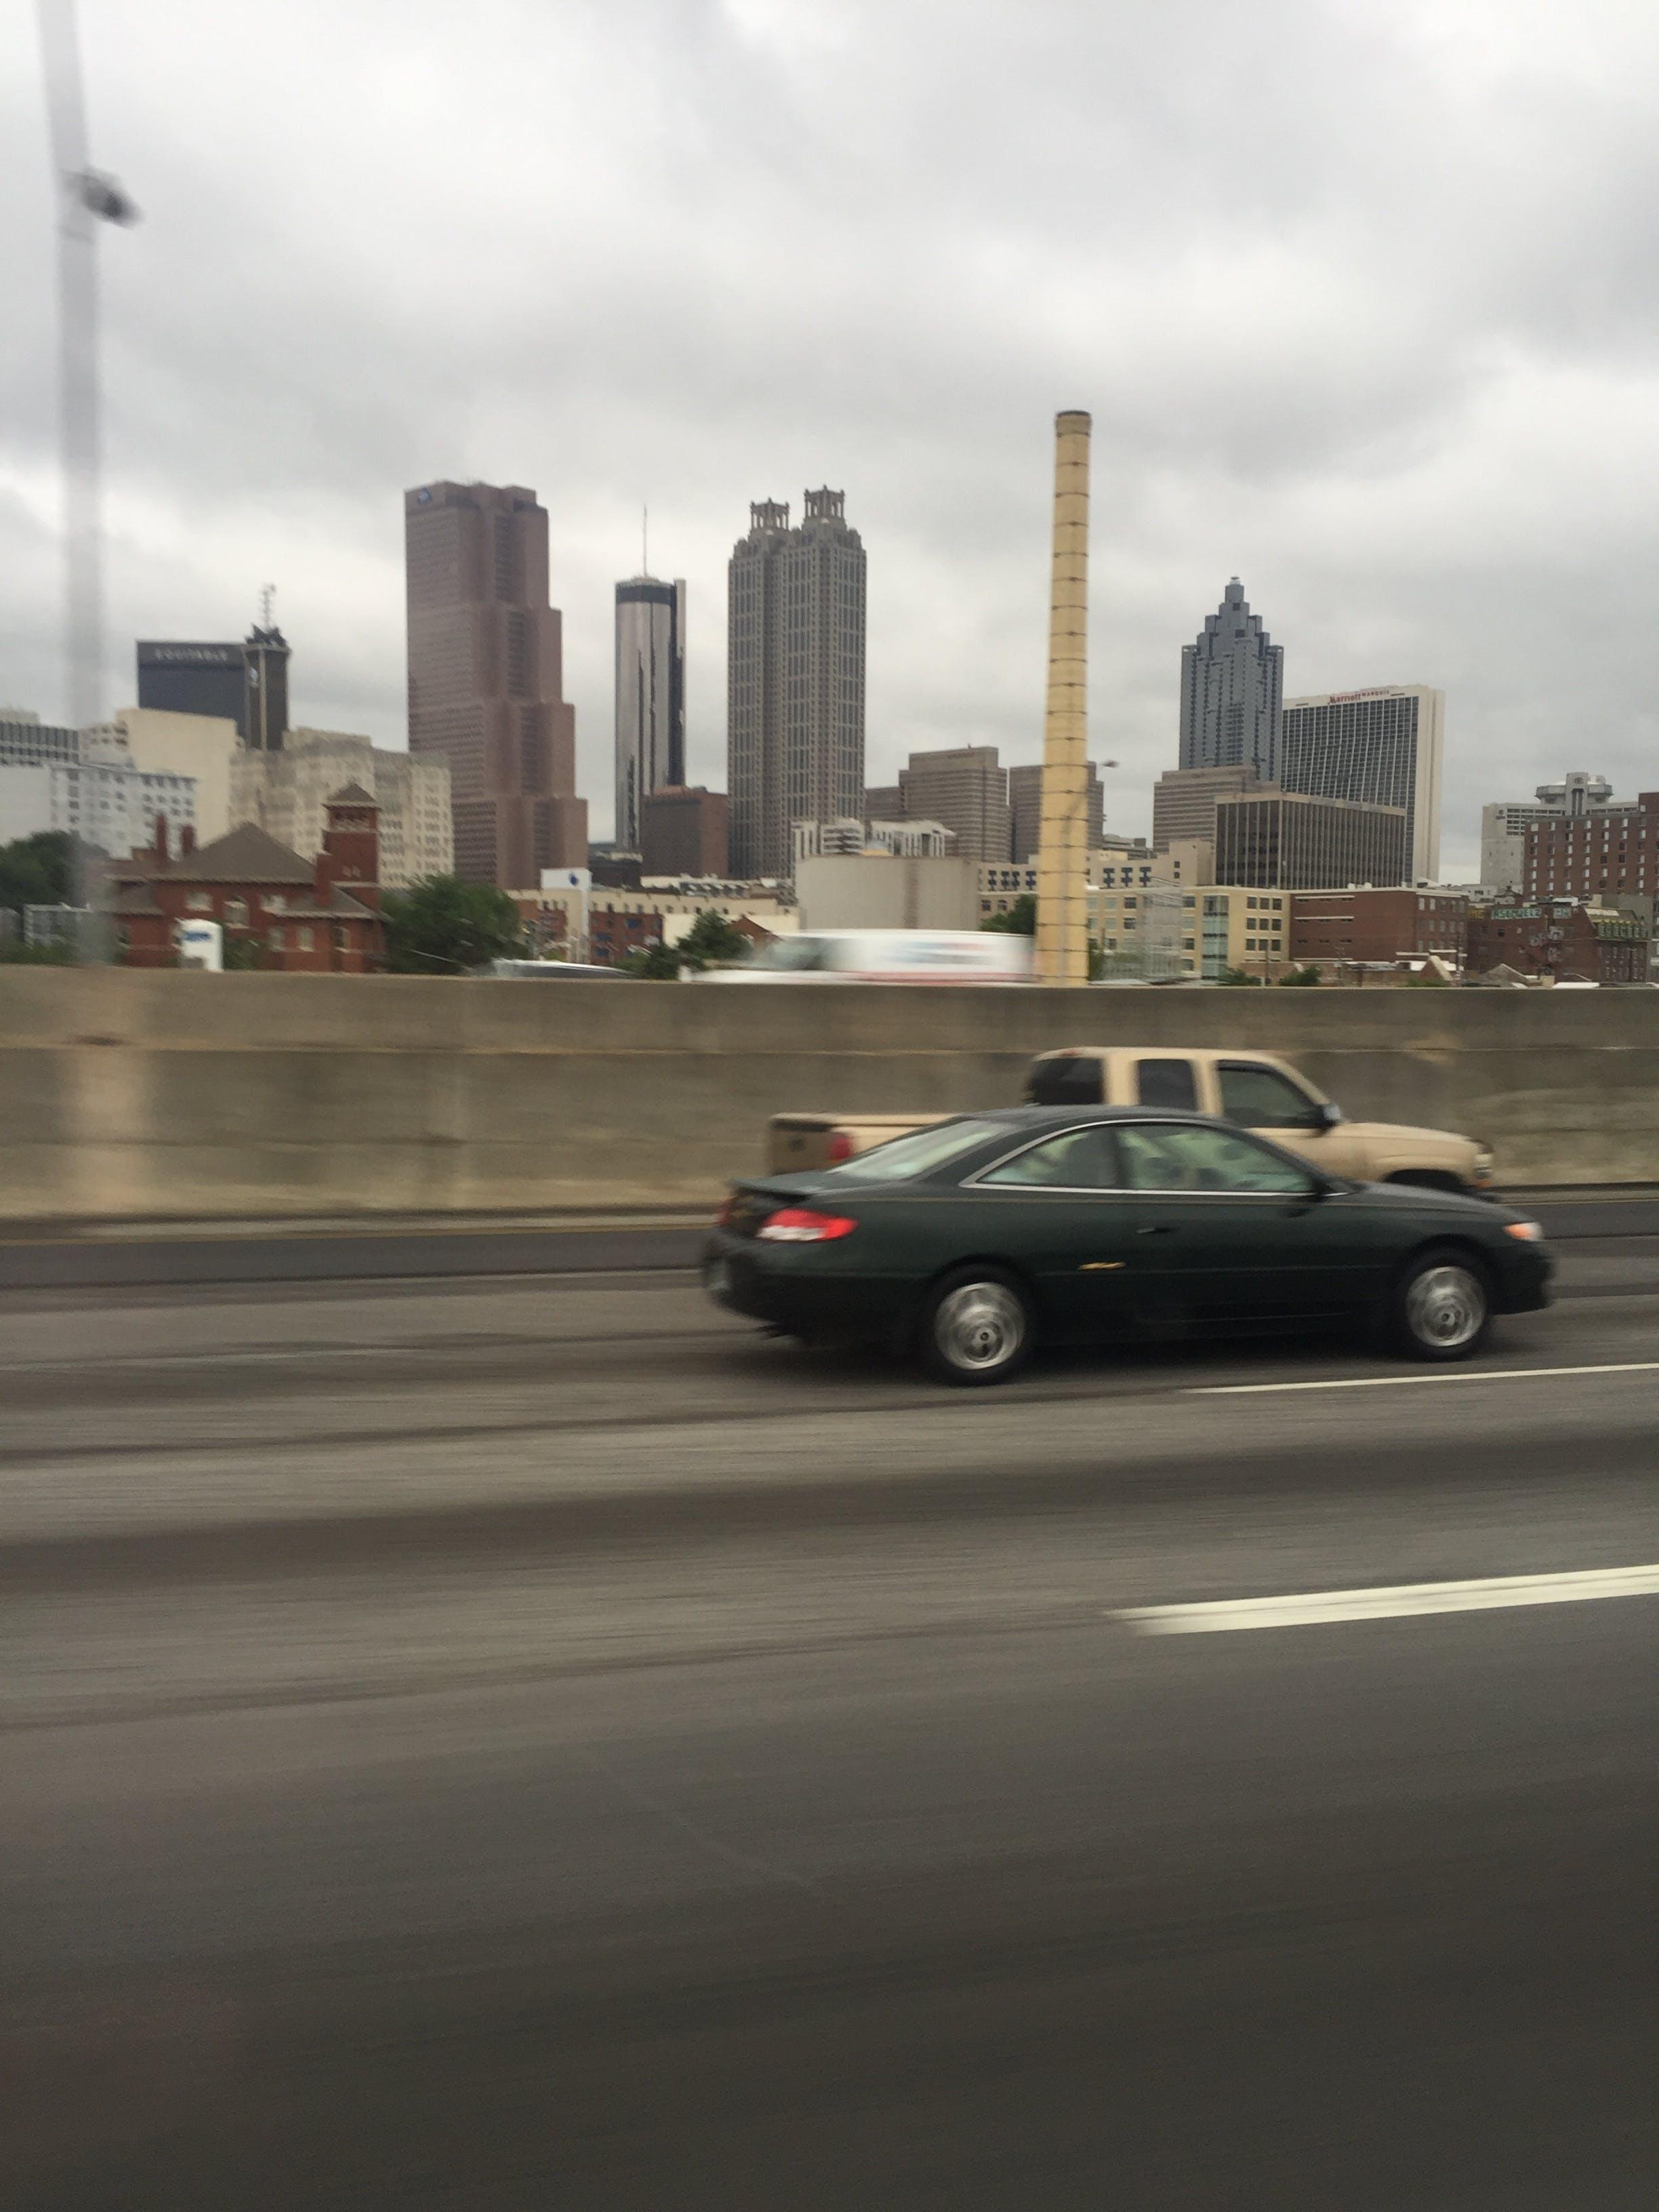 Free stock photo of atlanta, cars, city, cloudy